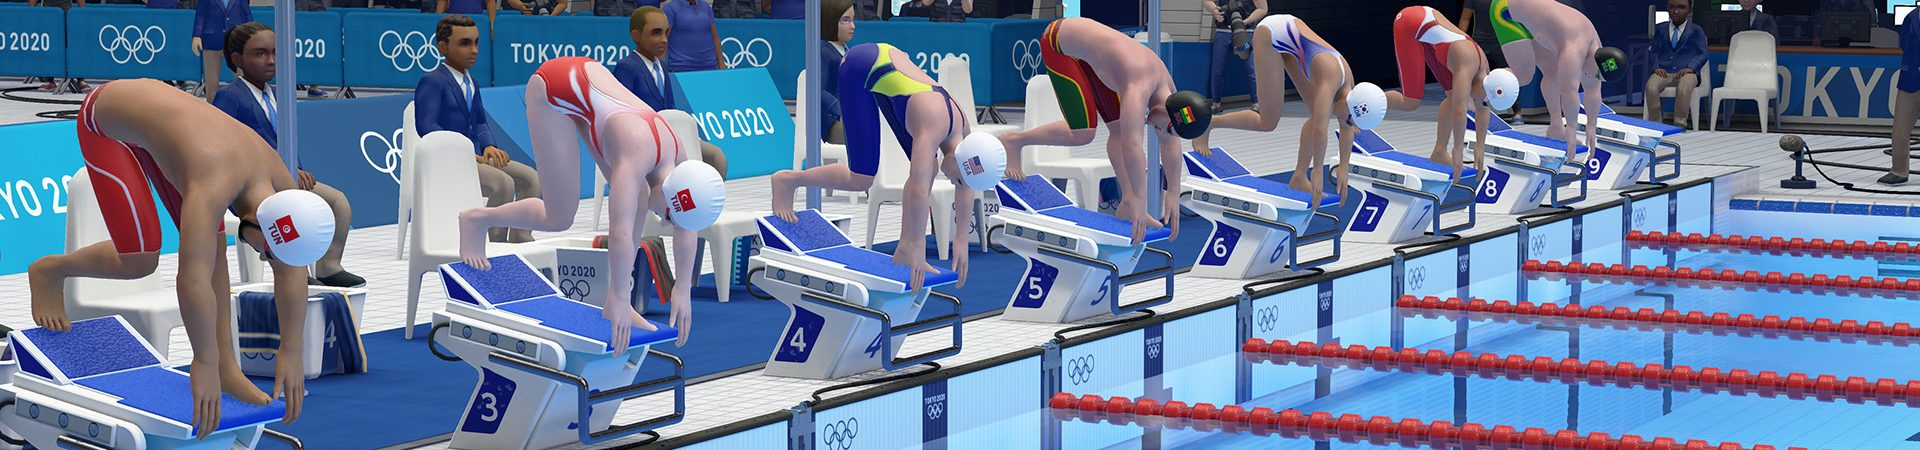 Imagem do videogame oficial das Olimpíadas de Tóquio.